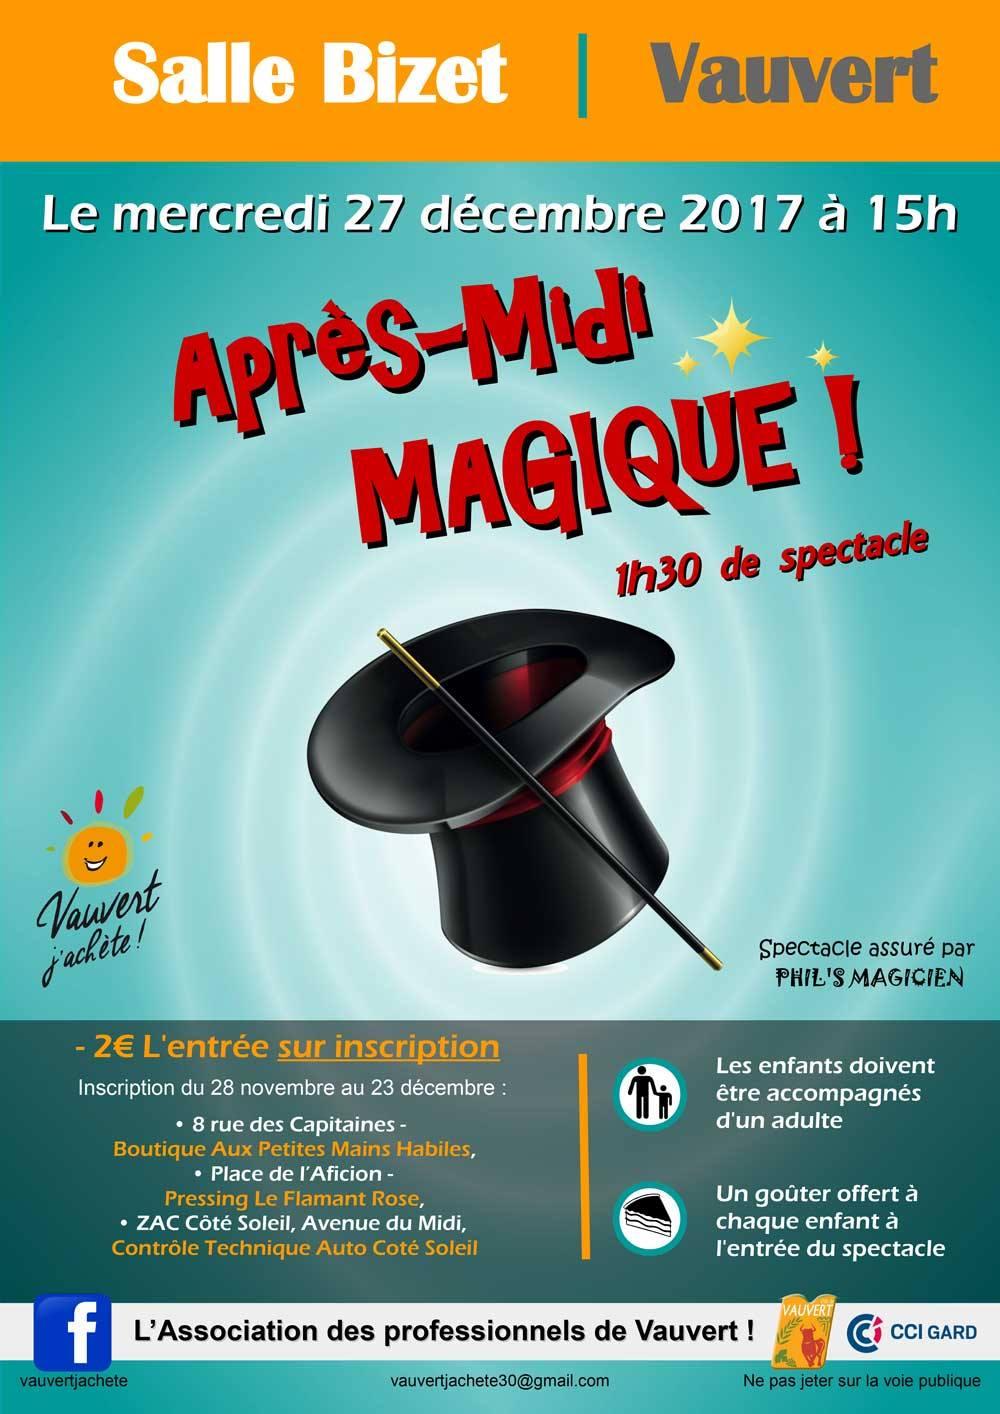 Après-midi Magique @ Salle Bizet à Vauvert | Vauvert | Occitanie | France